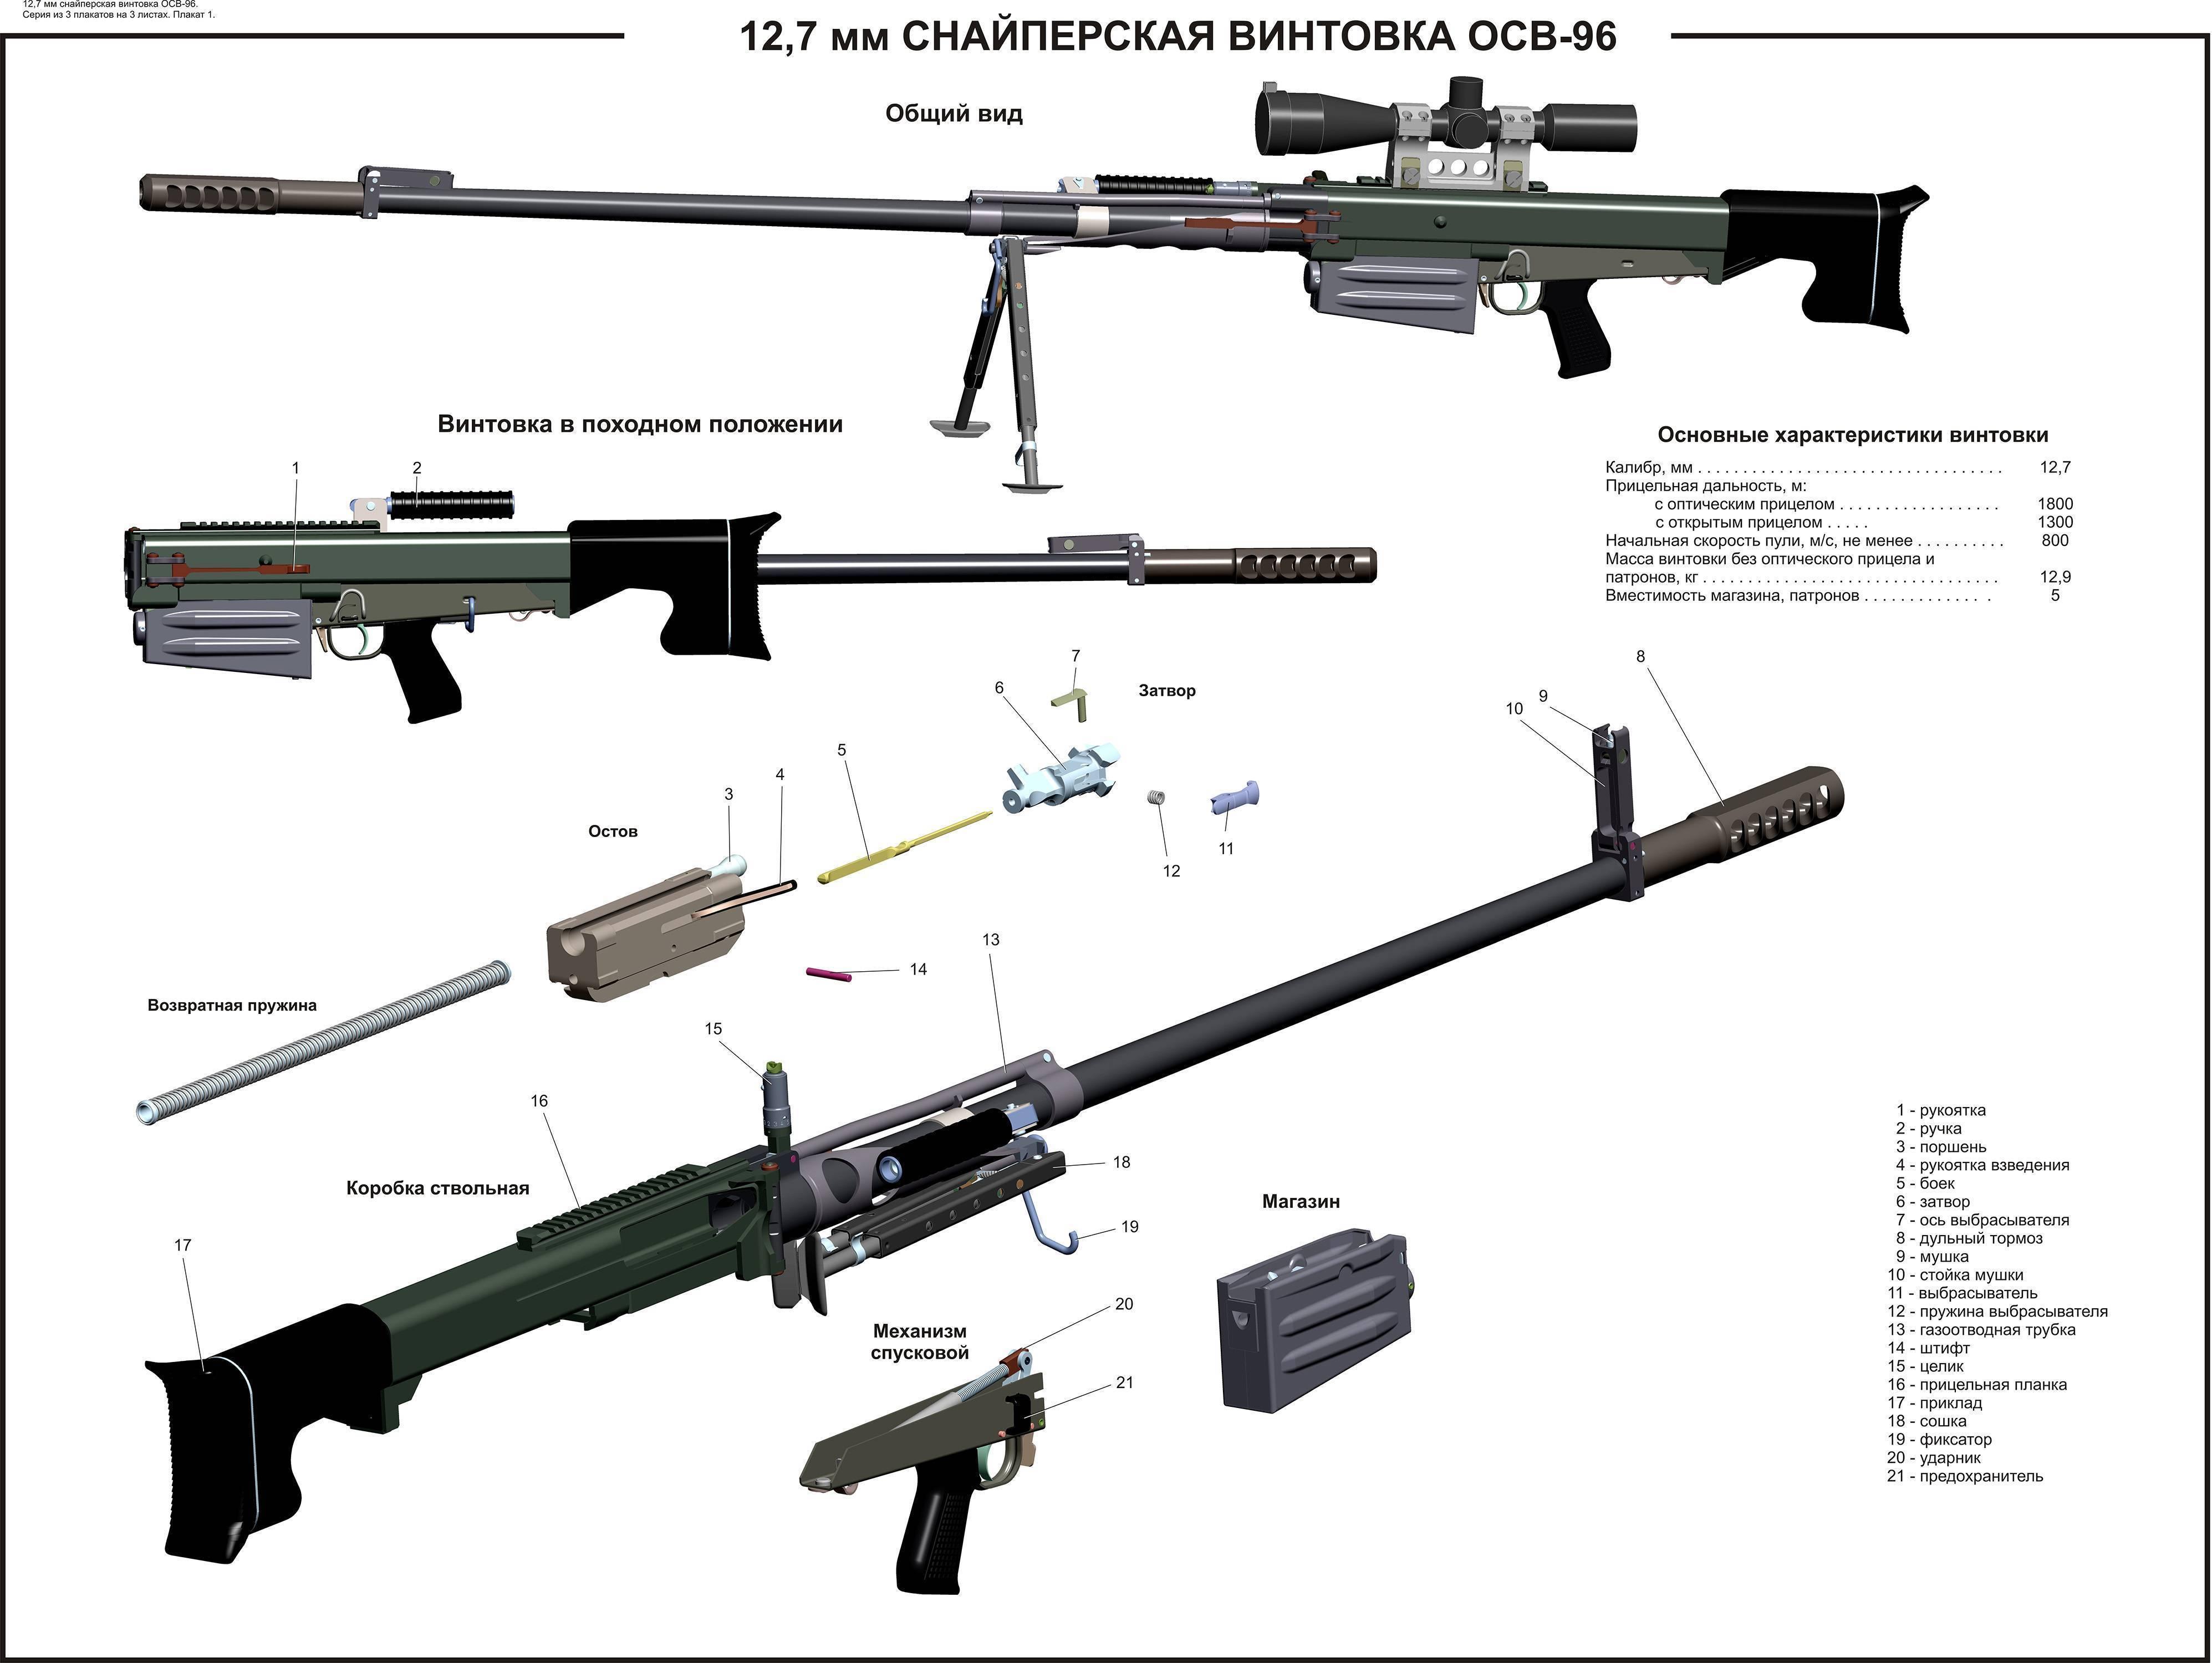 Cнайперская винтовка св-98 | армии и солдаты. военная энциклопедия